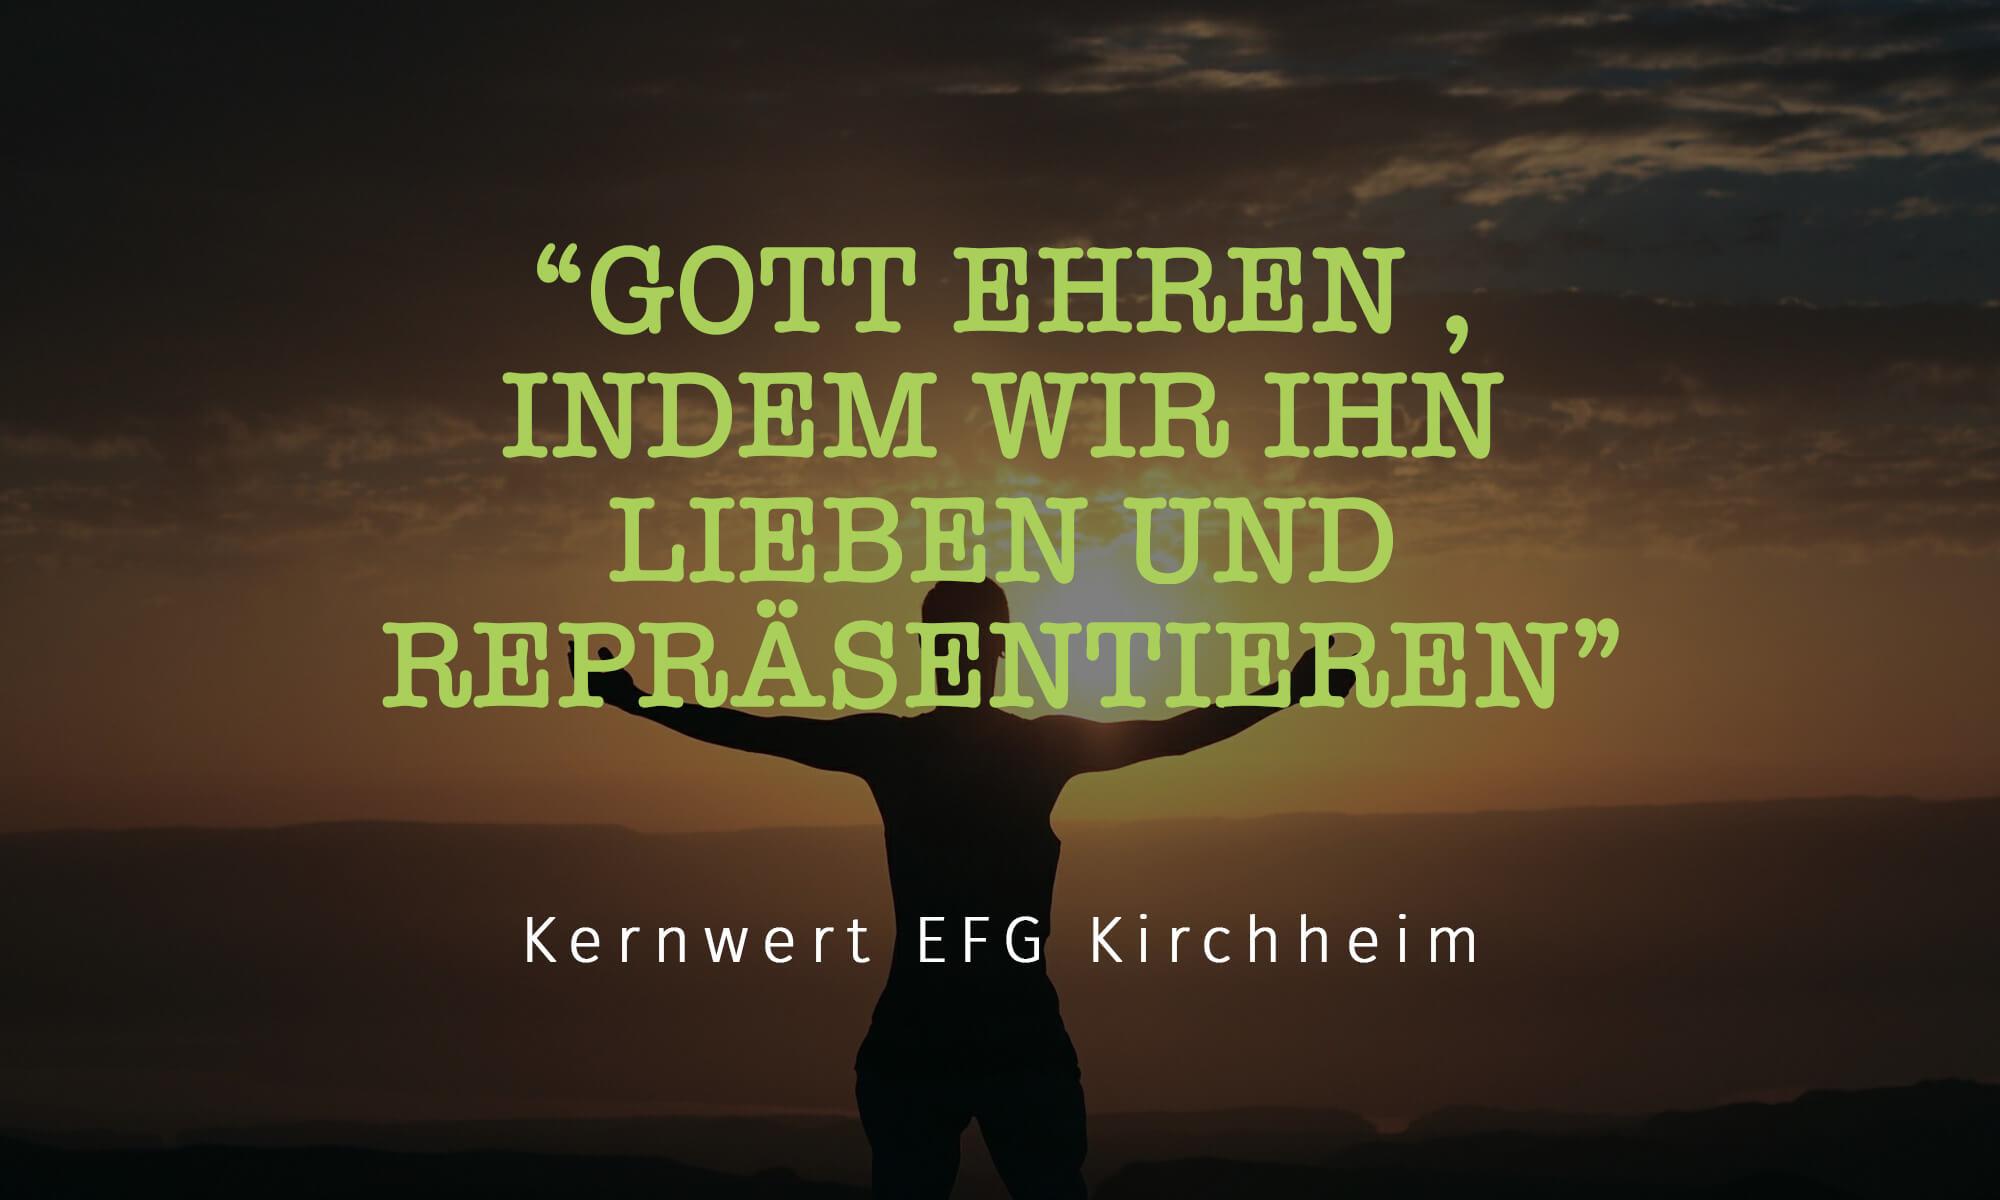 EFG Kernwert